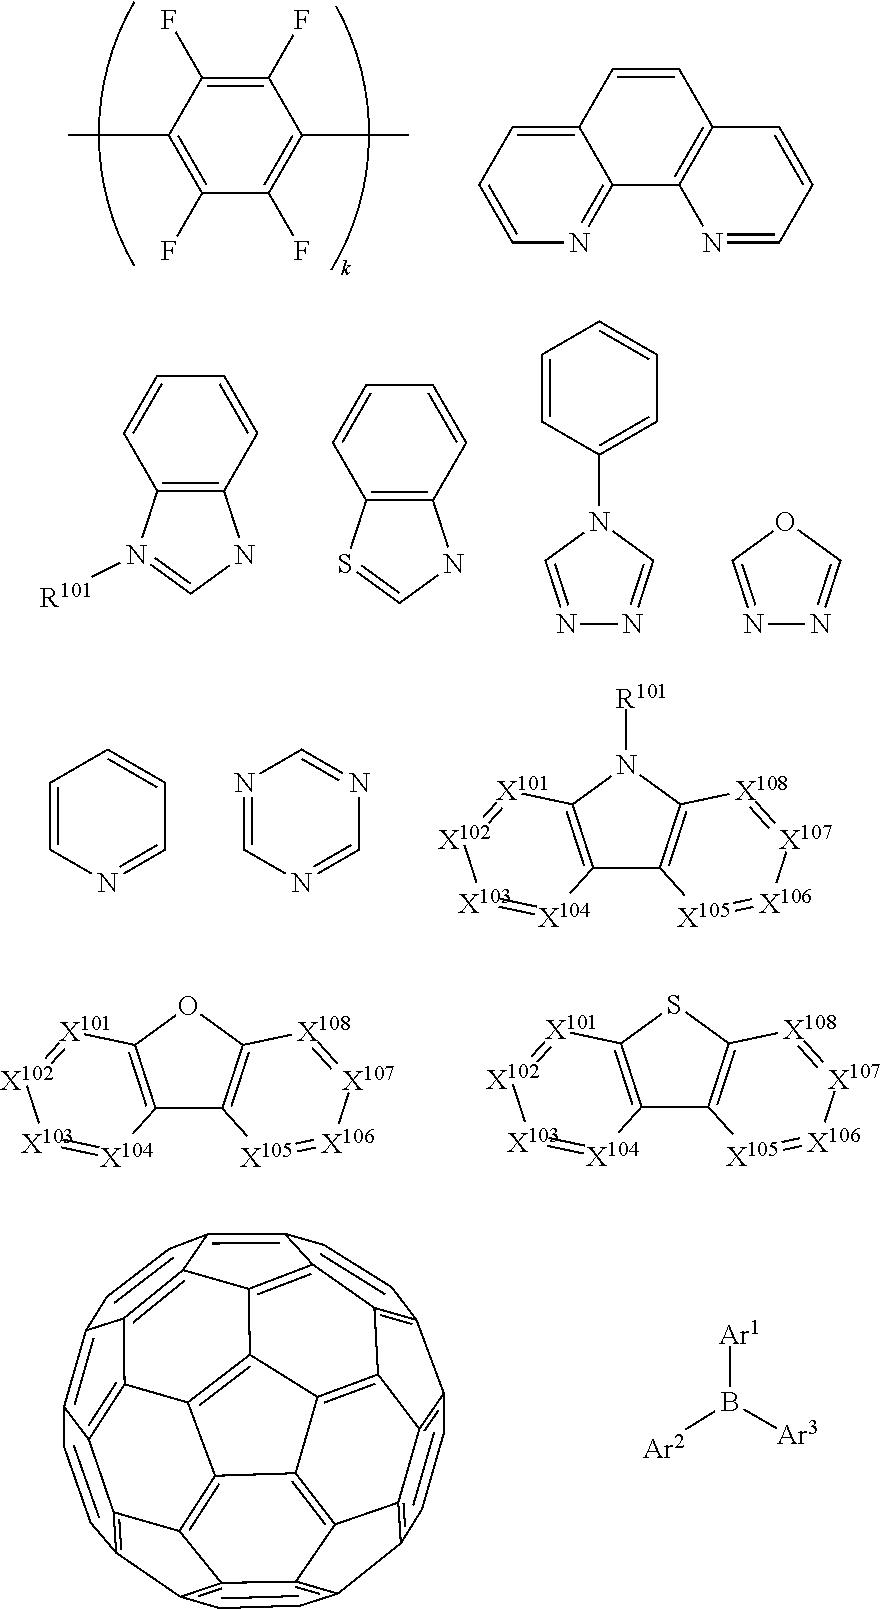 Figure US09978956-20180522-C00094